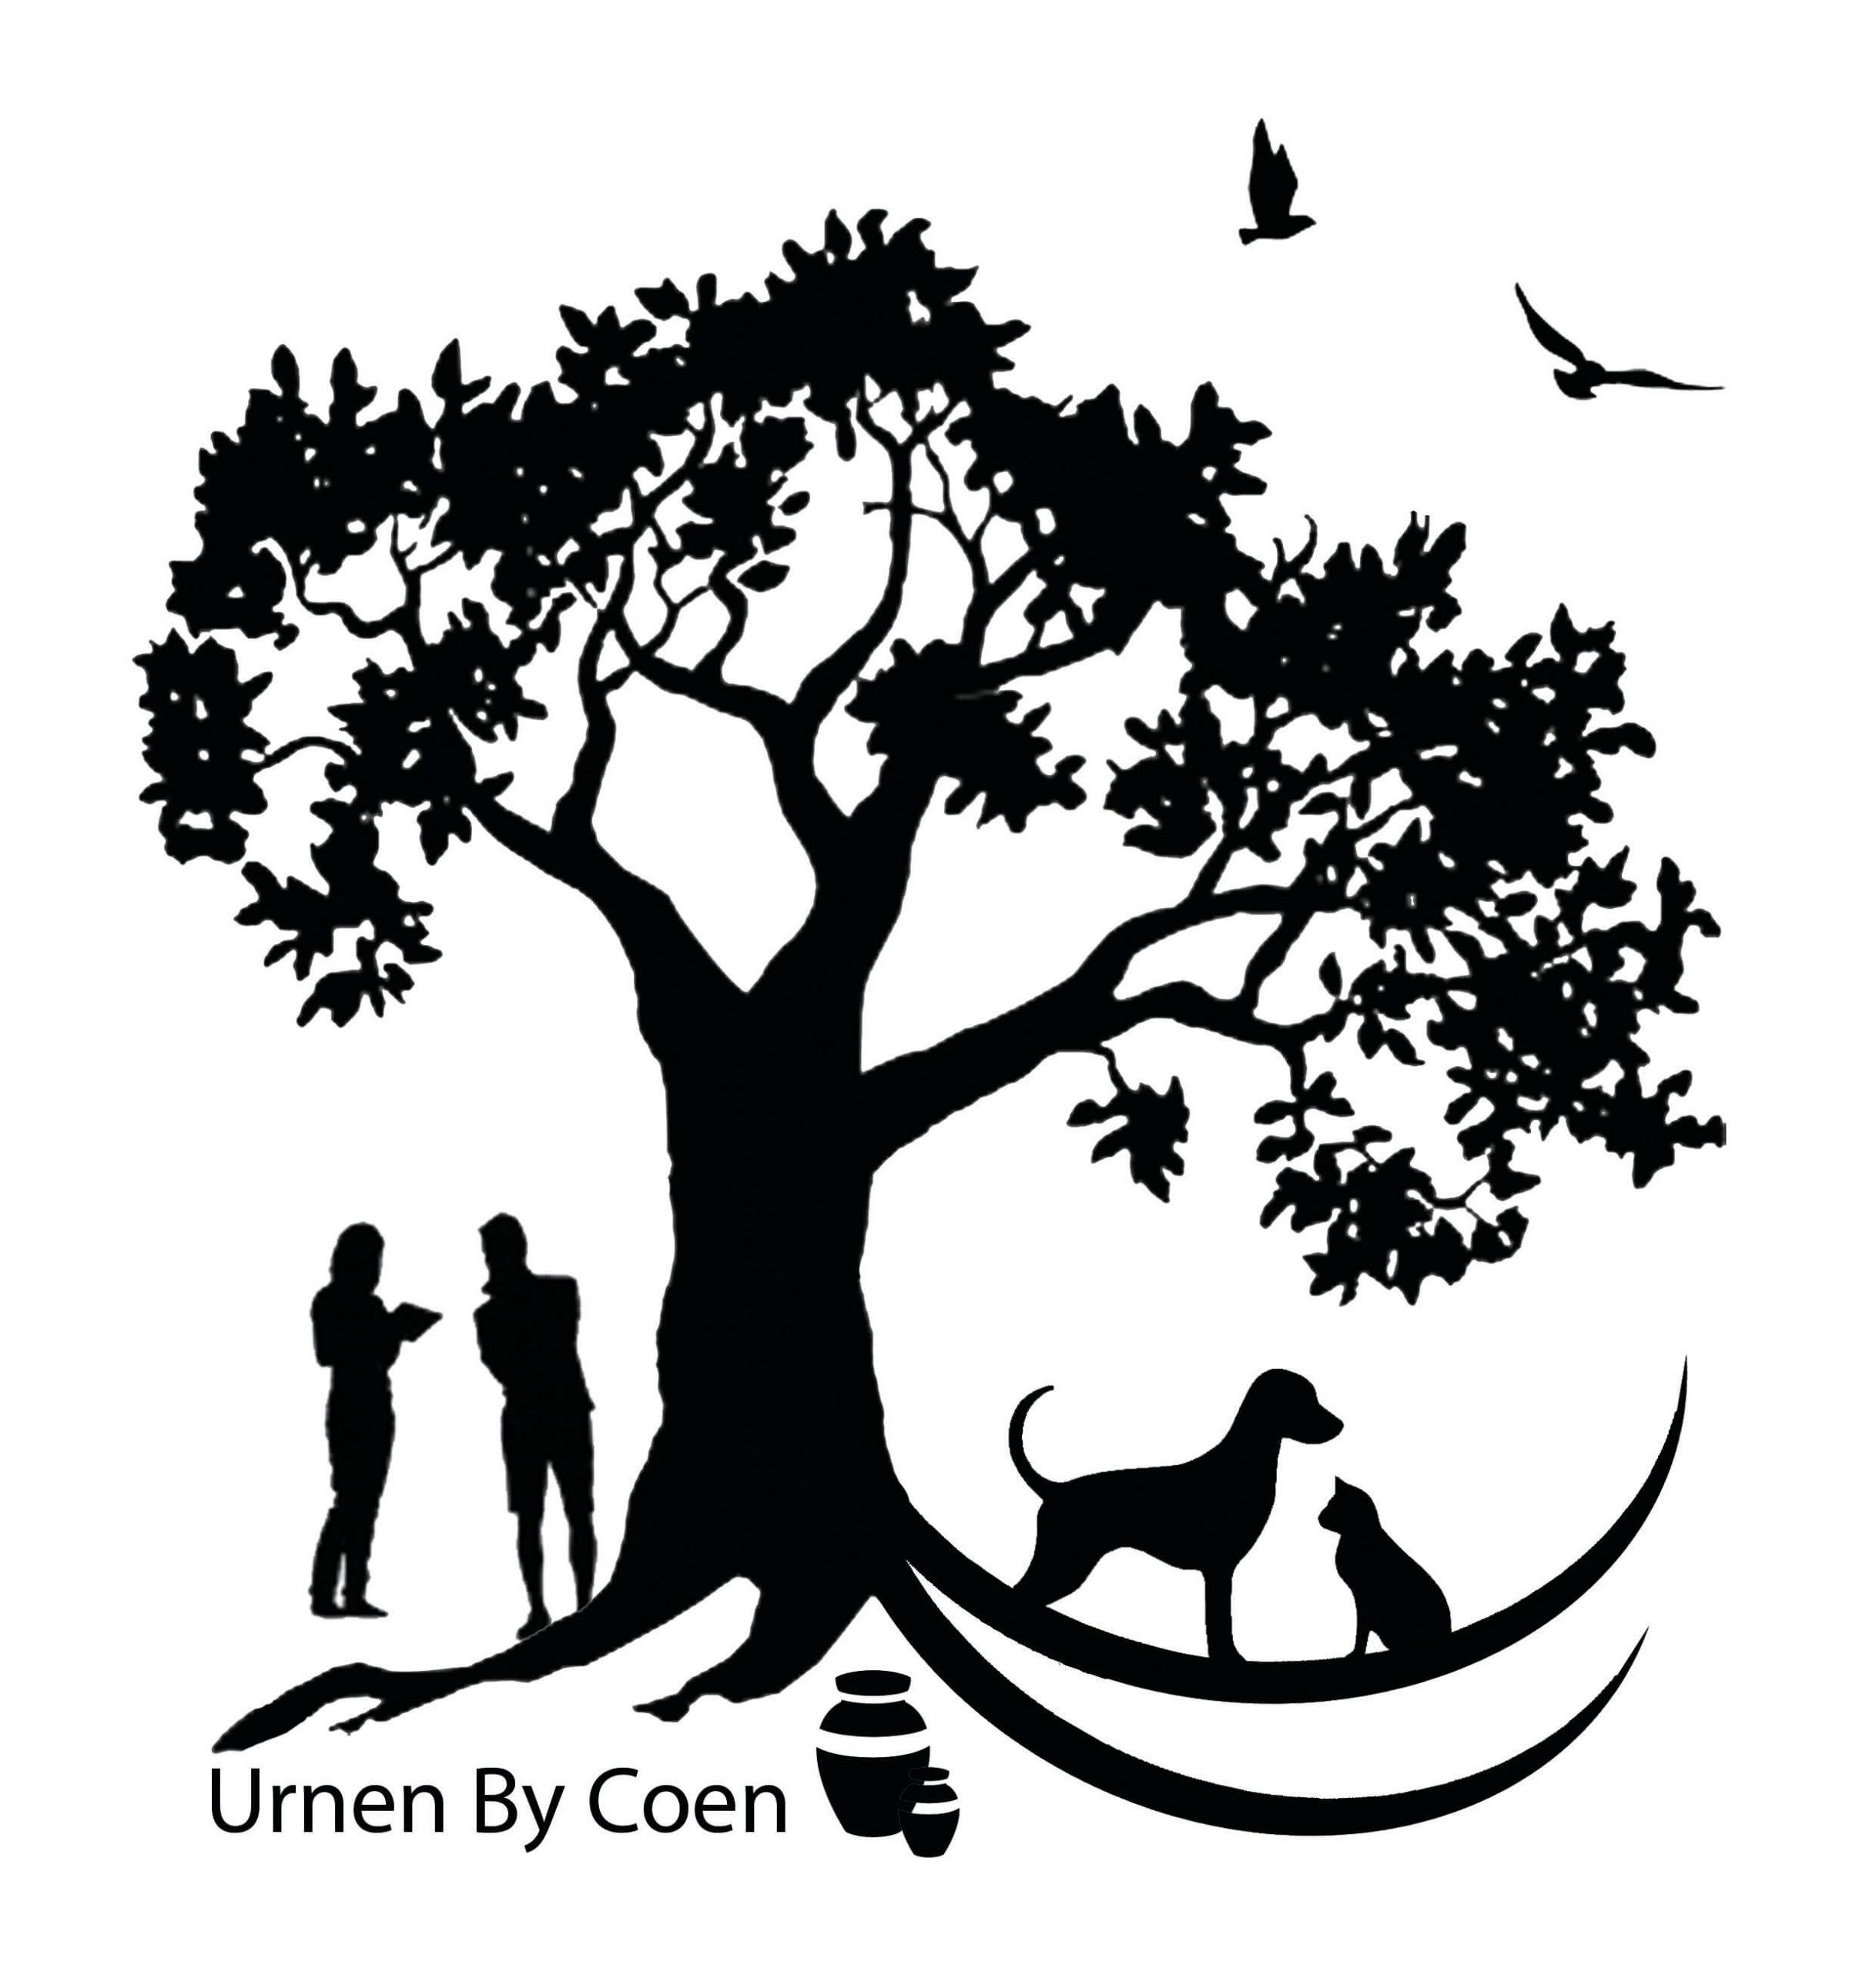 Urnen By Coen